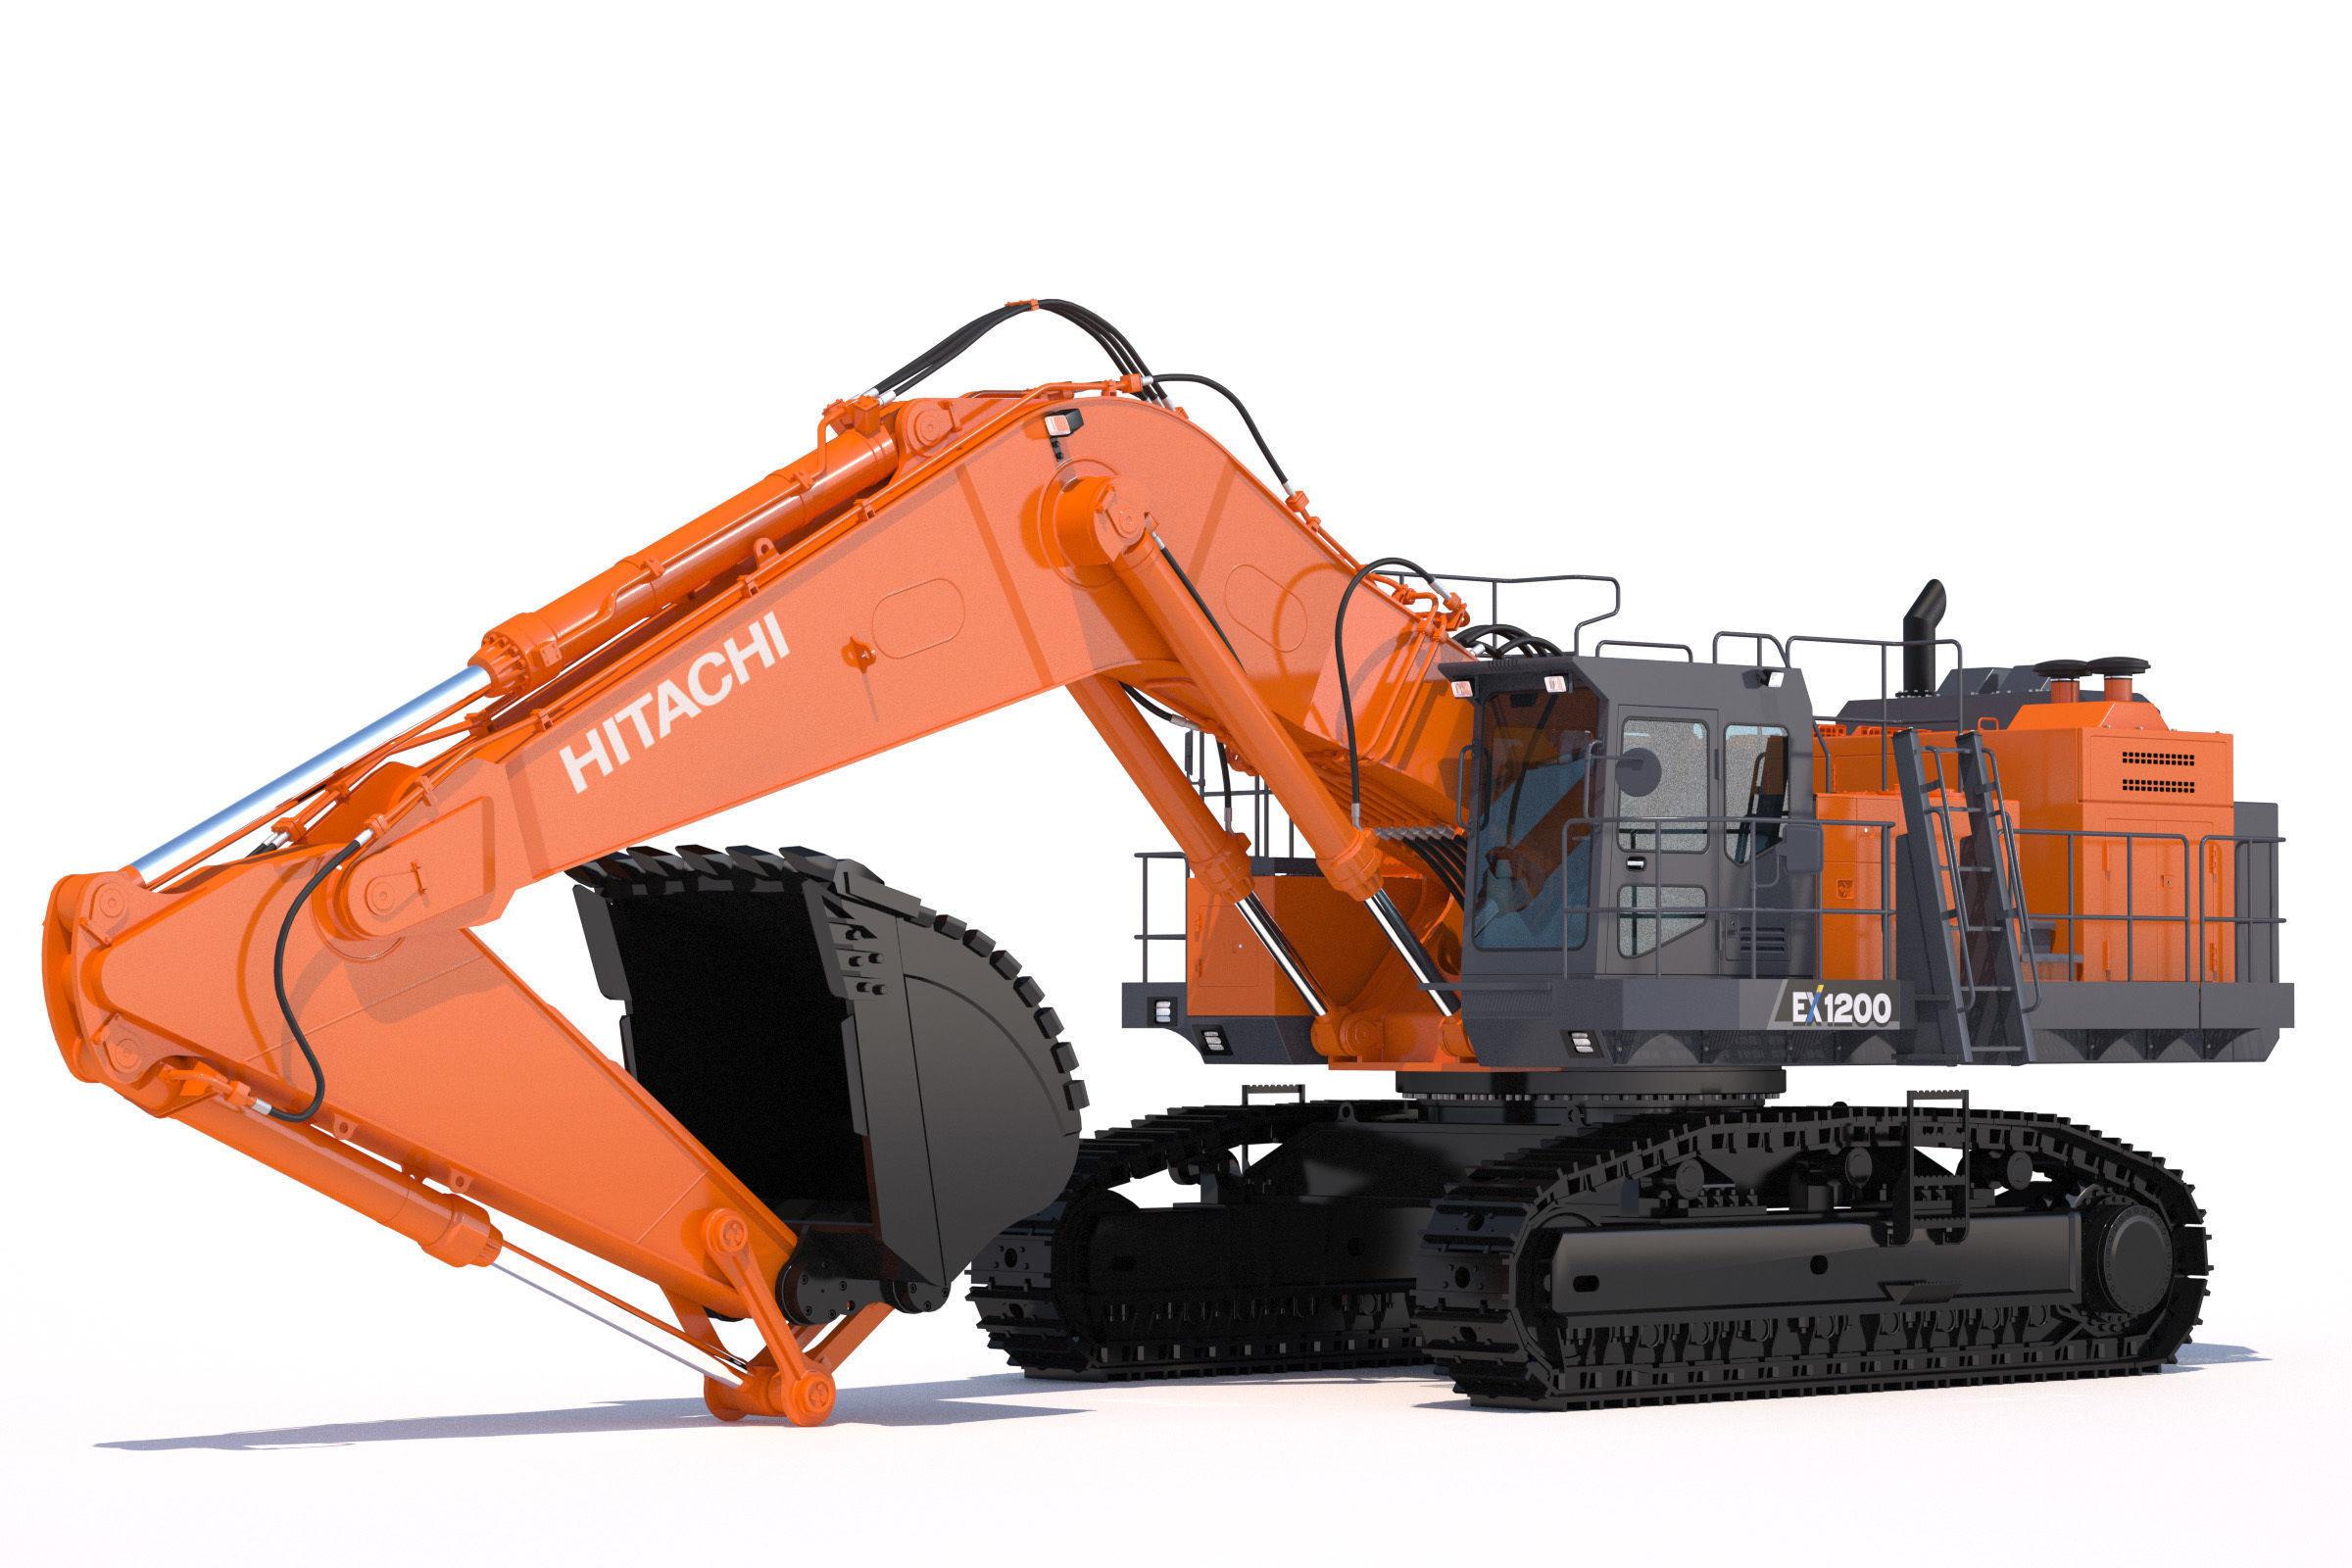 Excavator Hitachi EX1200-7